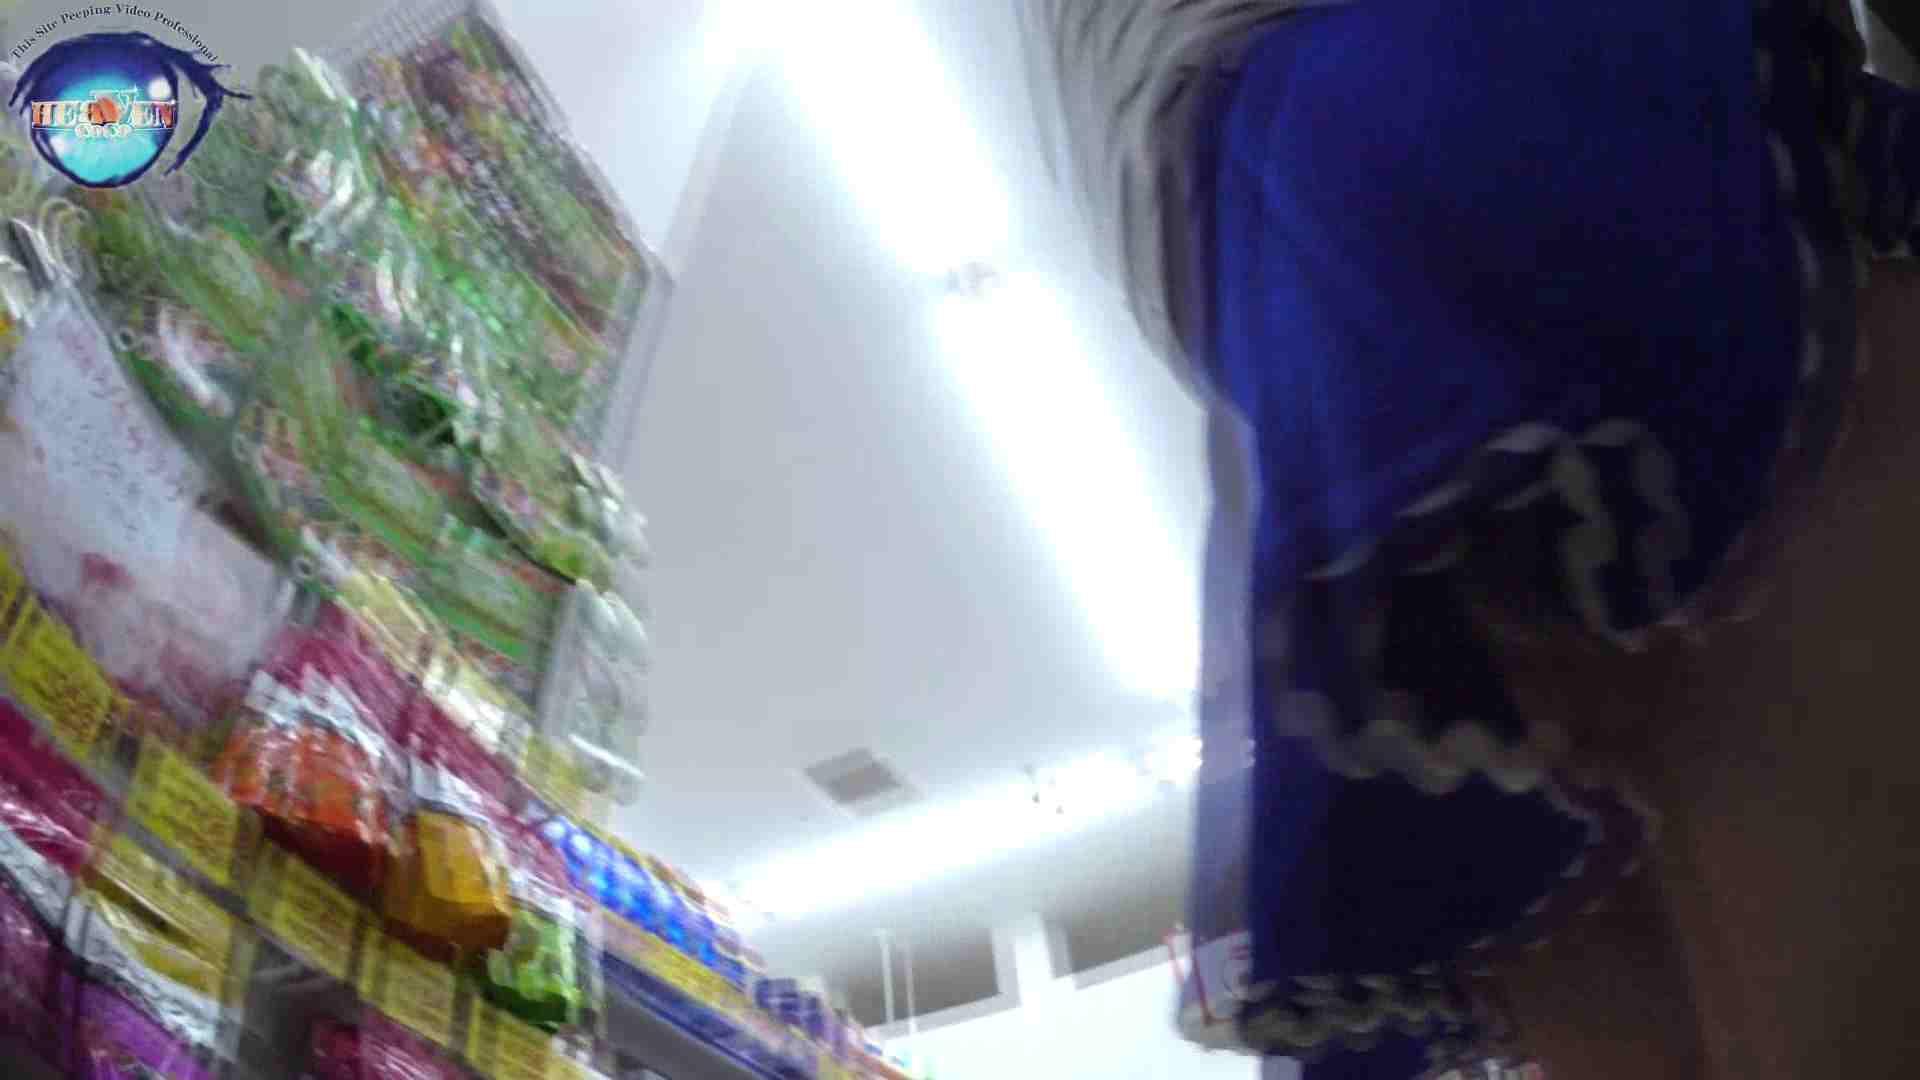 雅さんの独断と偏見で集めた動画 teenパンチラ編vol.4 エロいギャル AV無料動画キャプチャ 10枚 6